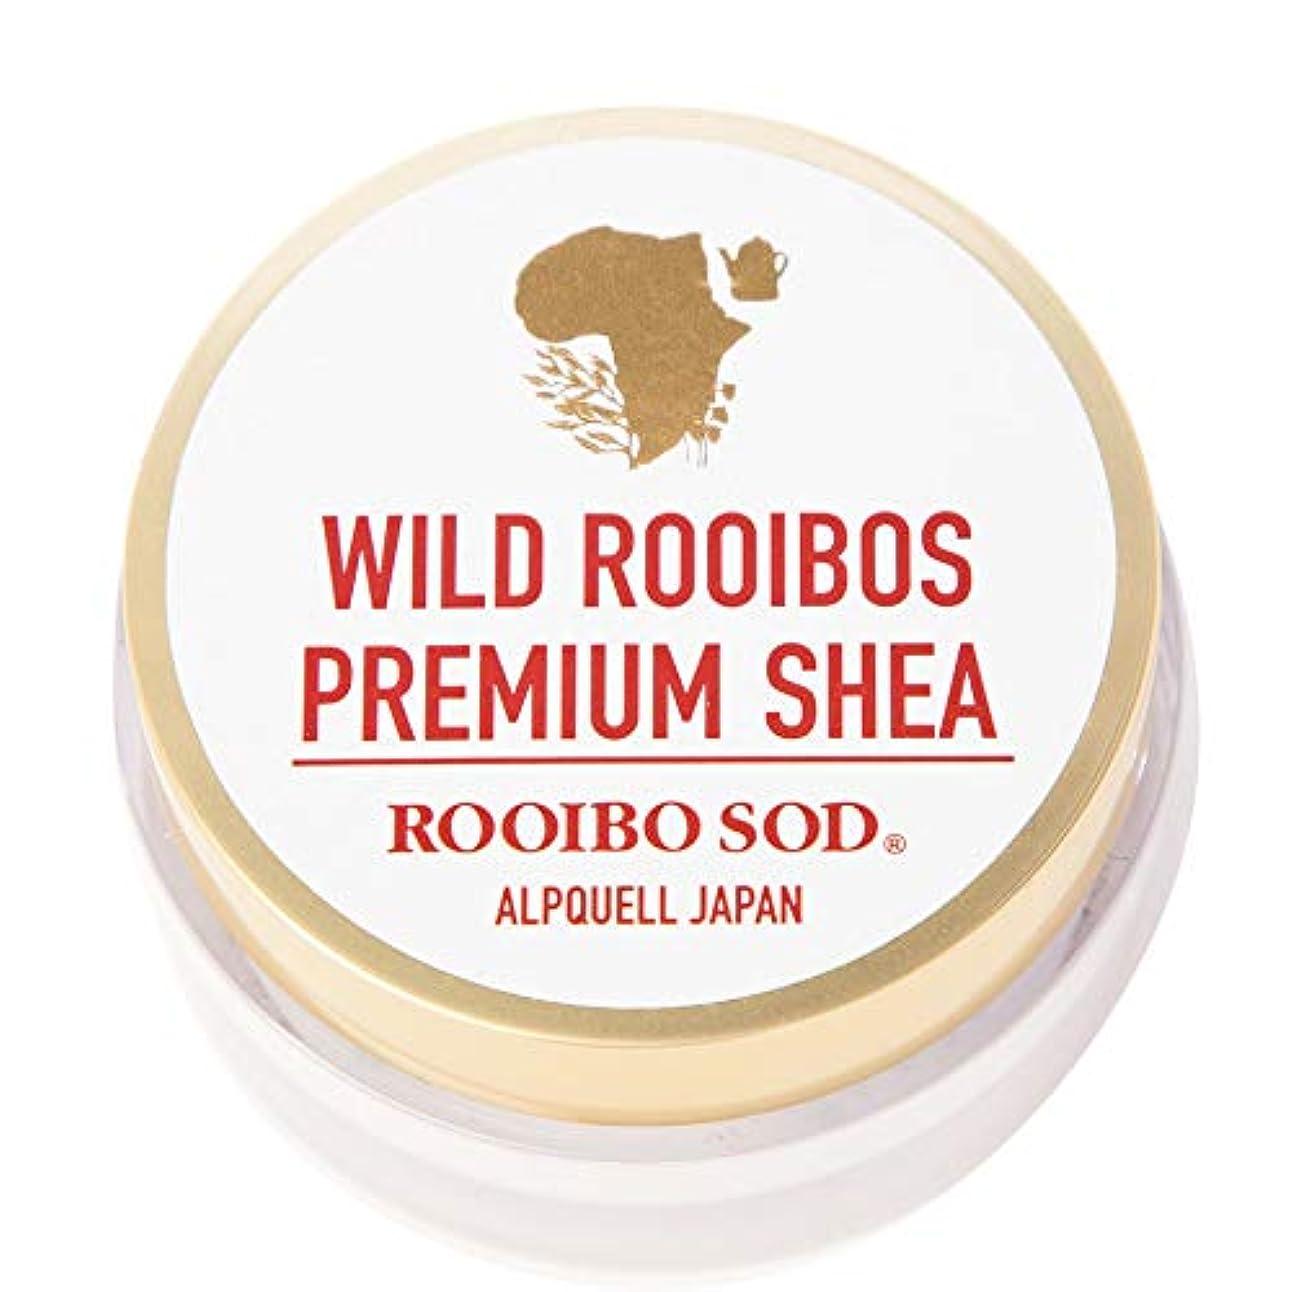 即席レーザラフ睡眠ROOIBO SOD ルイボソード プレミアムシアクリーム シア脂 ルイボスエキス配合 無添加、天然成分100%